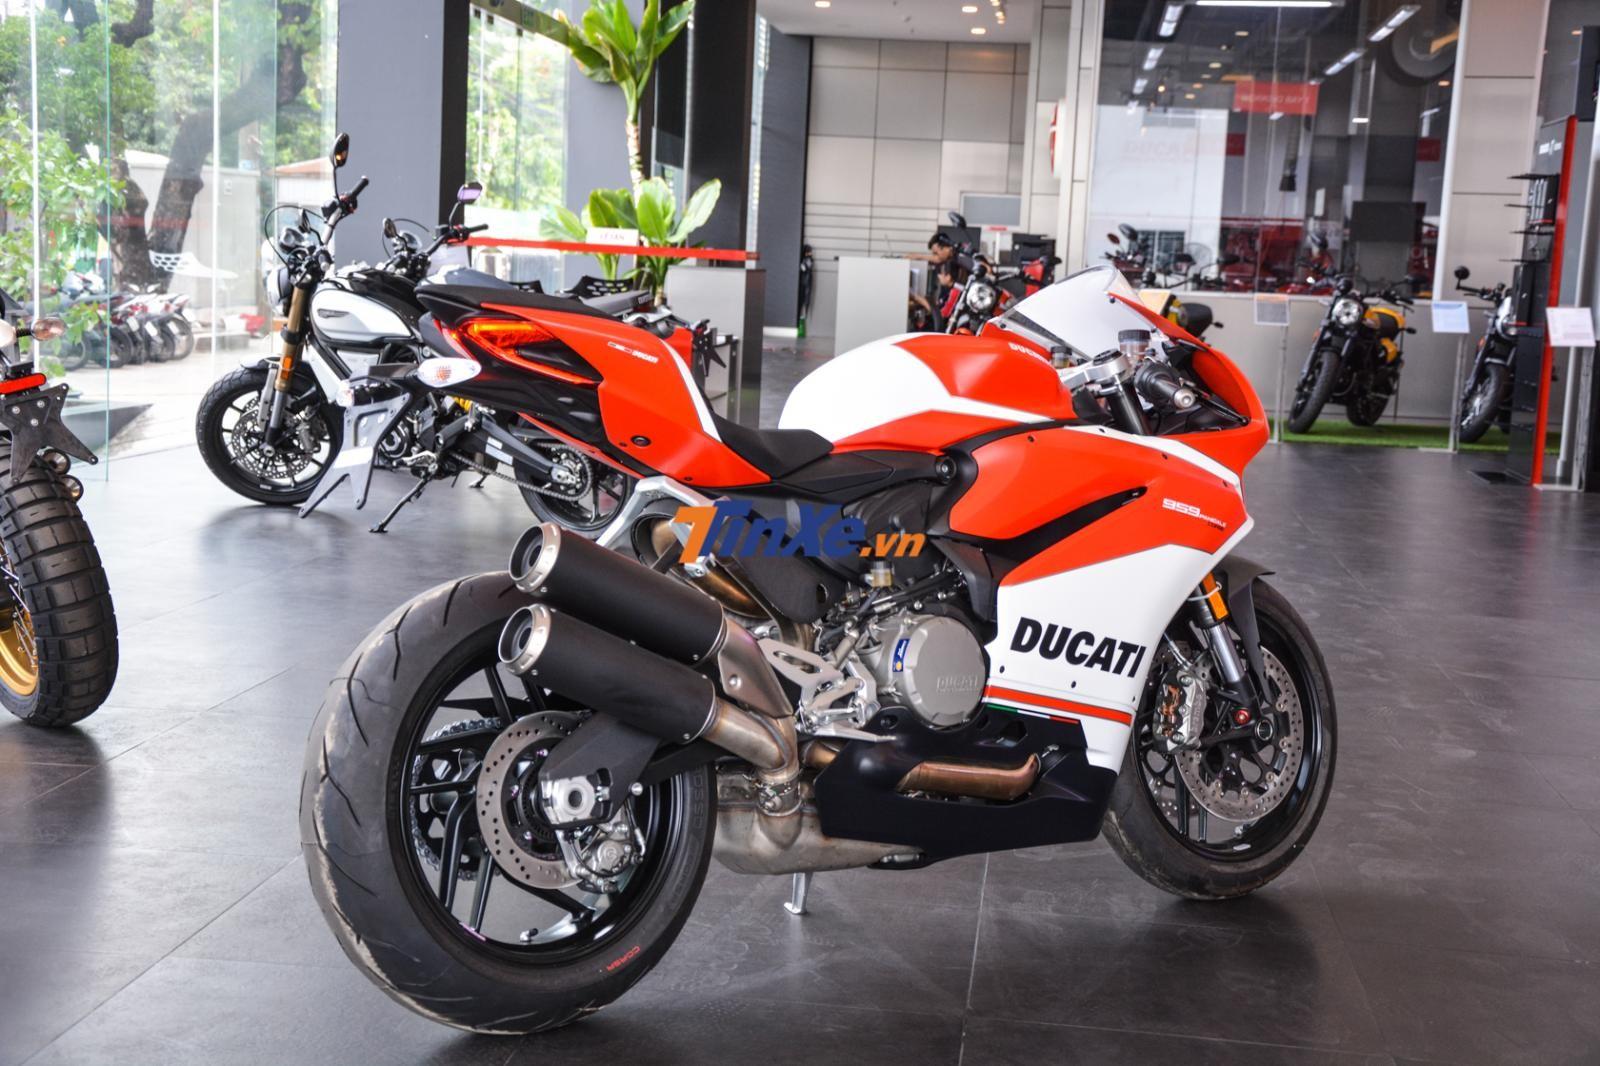 Ducati 959 Panigale Corse có giá bán 635 triệu đồng tại Việt Nam